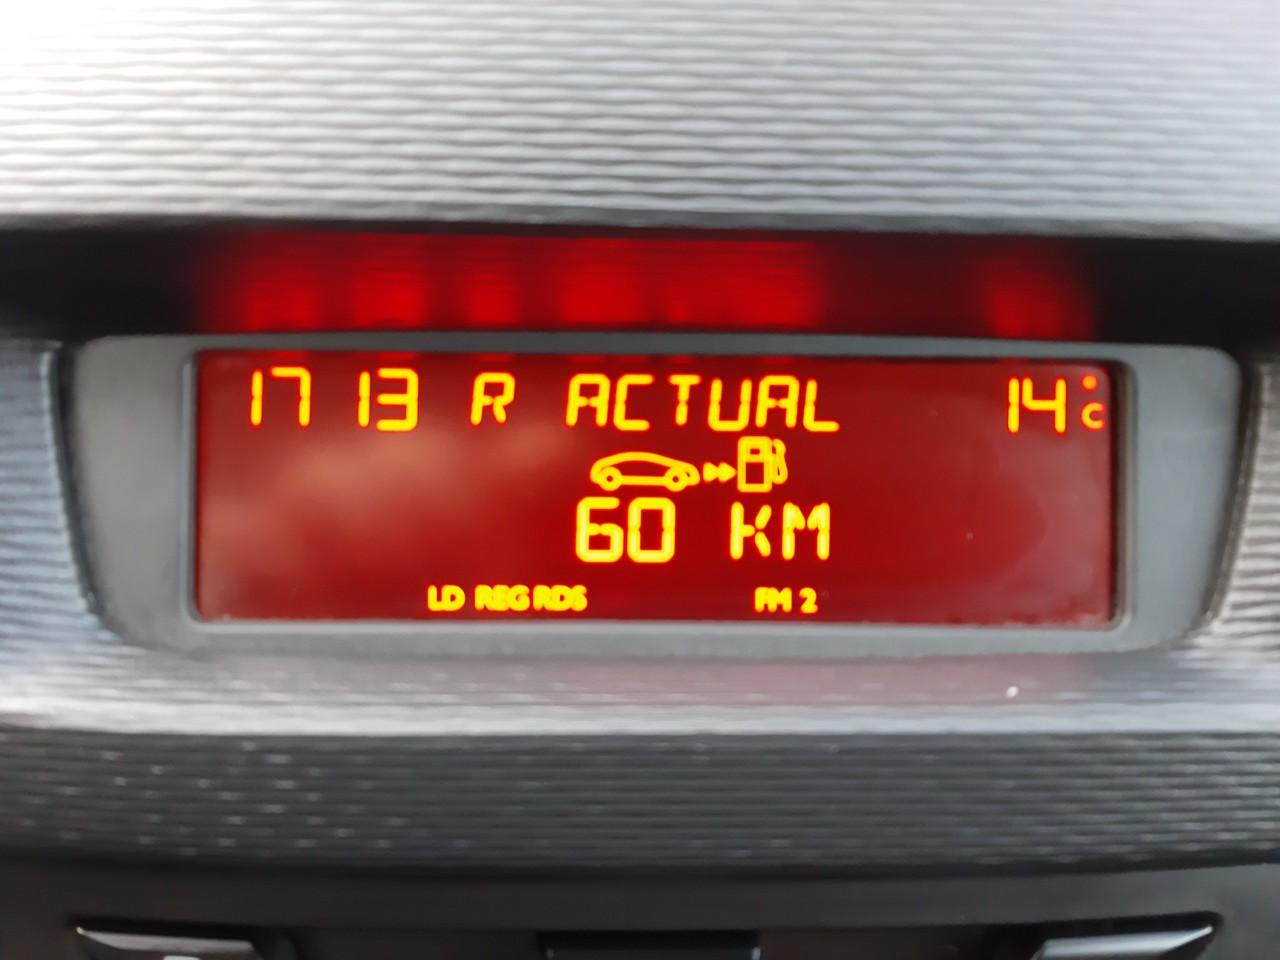 Citroen C3 14 hdi 2013